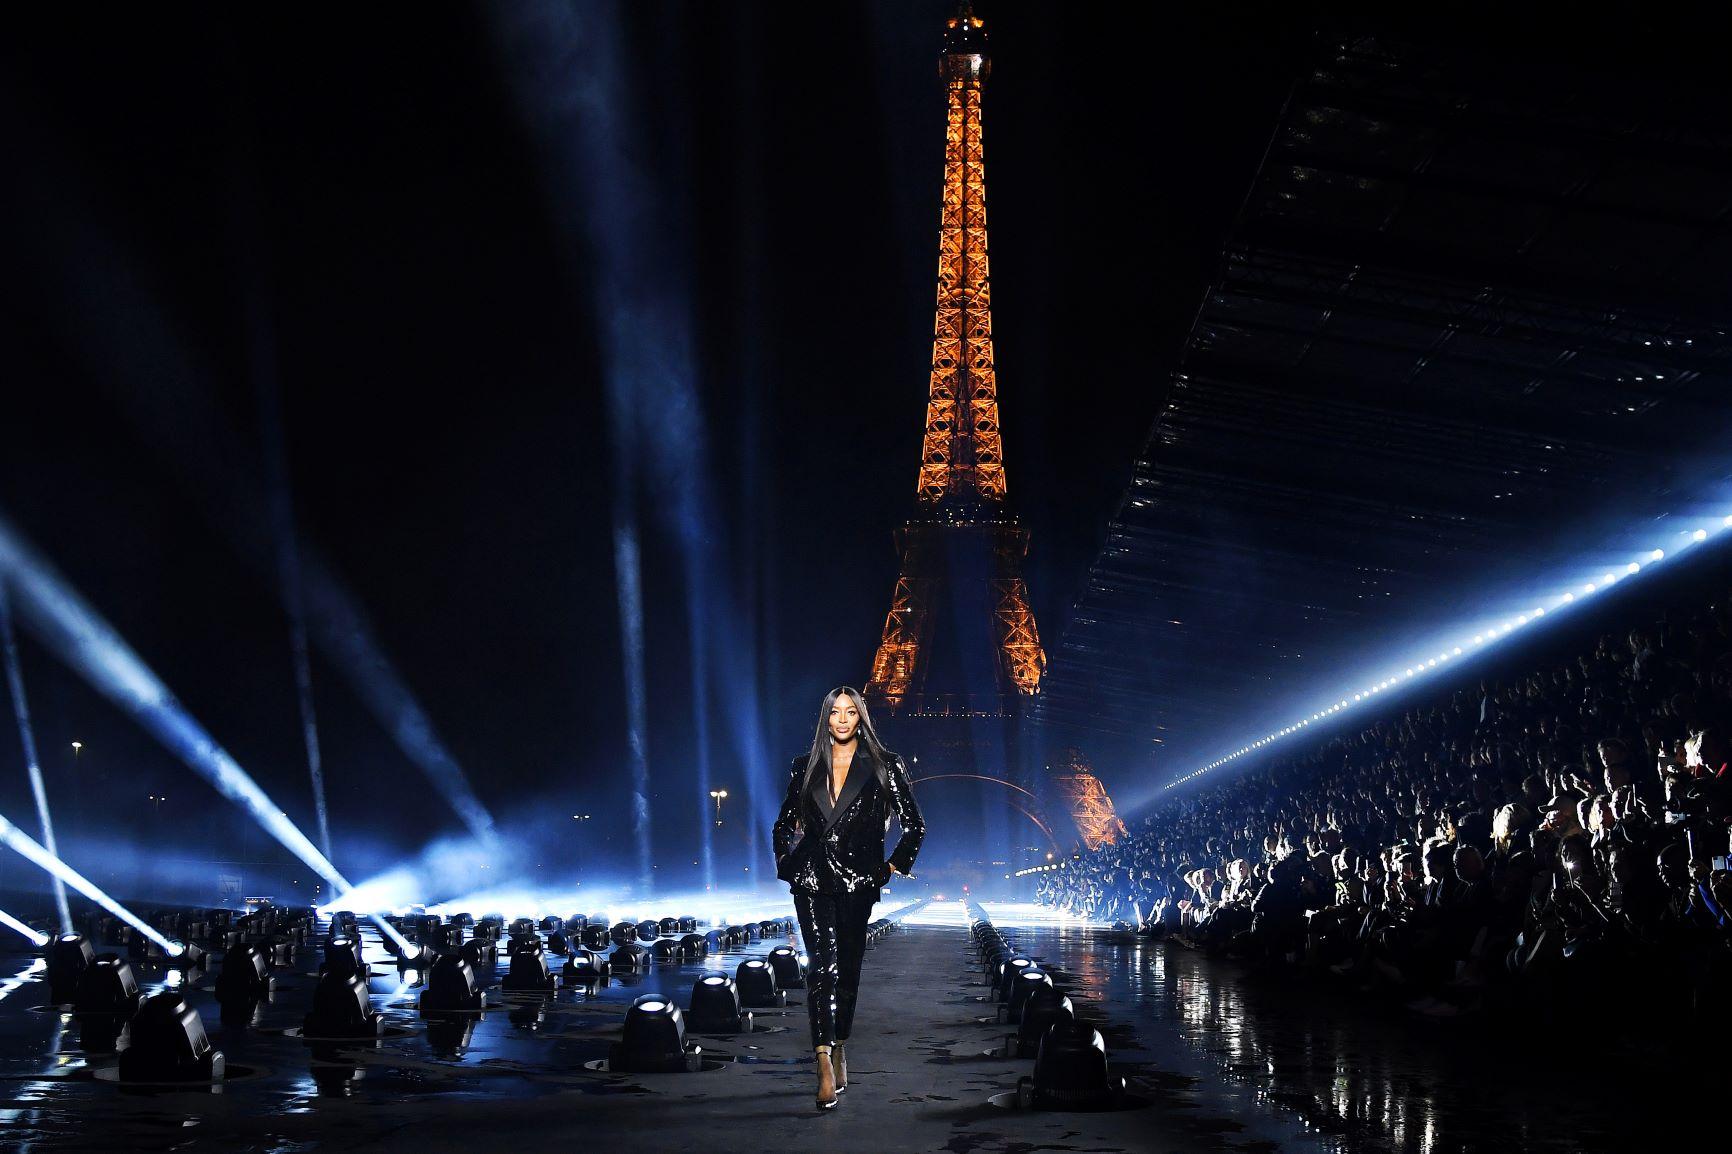 Naomi kết thúc show diễn với hiệu ứng ánh sáng hoành tráng tại show Saint Laurent dưới chân tháp Eiffel - tuần lễ thời trang paris xuân hè 2020